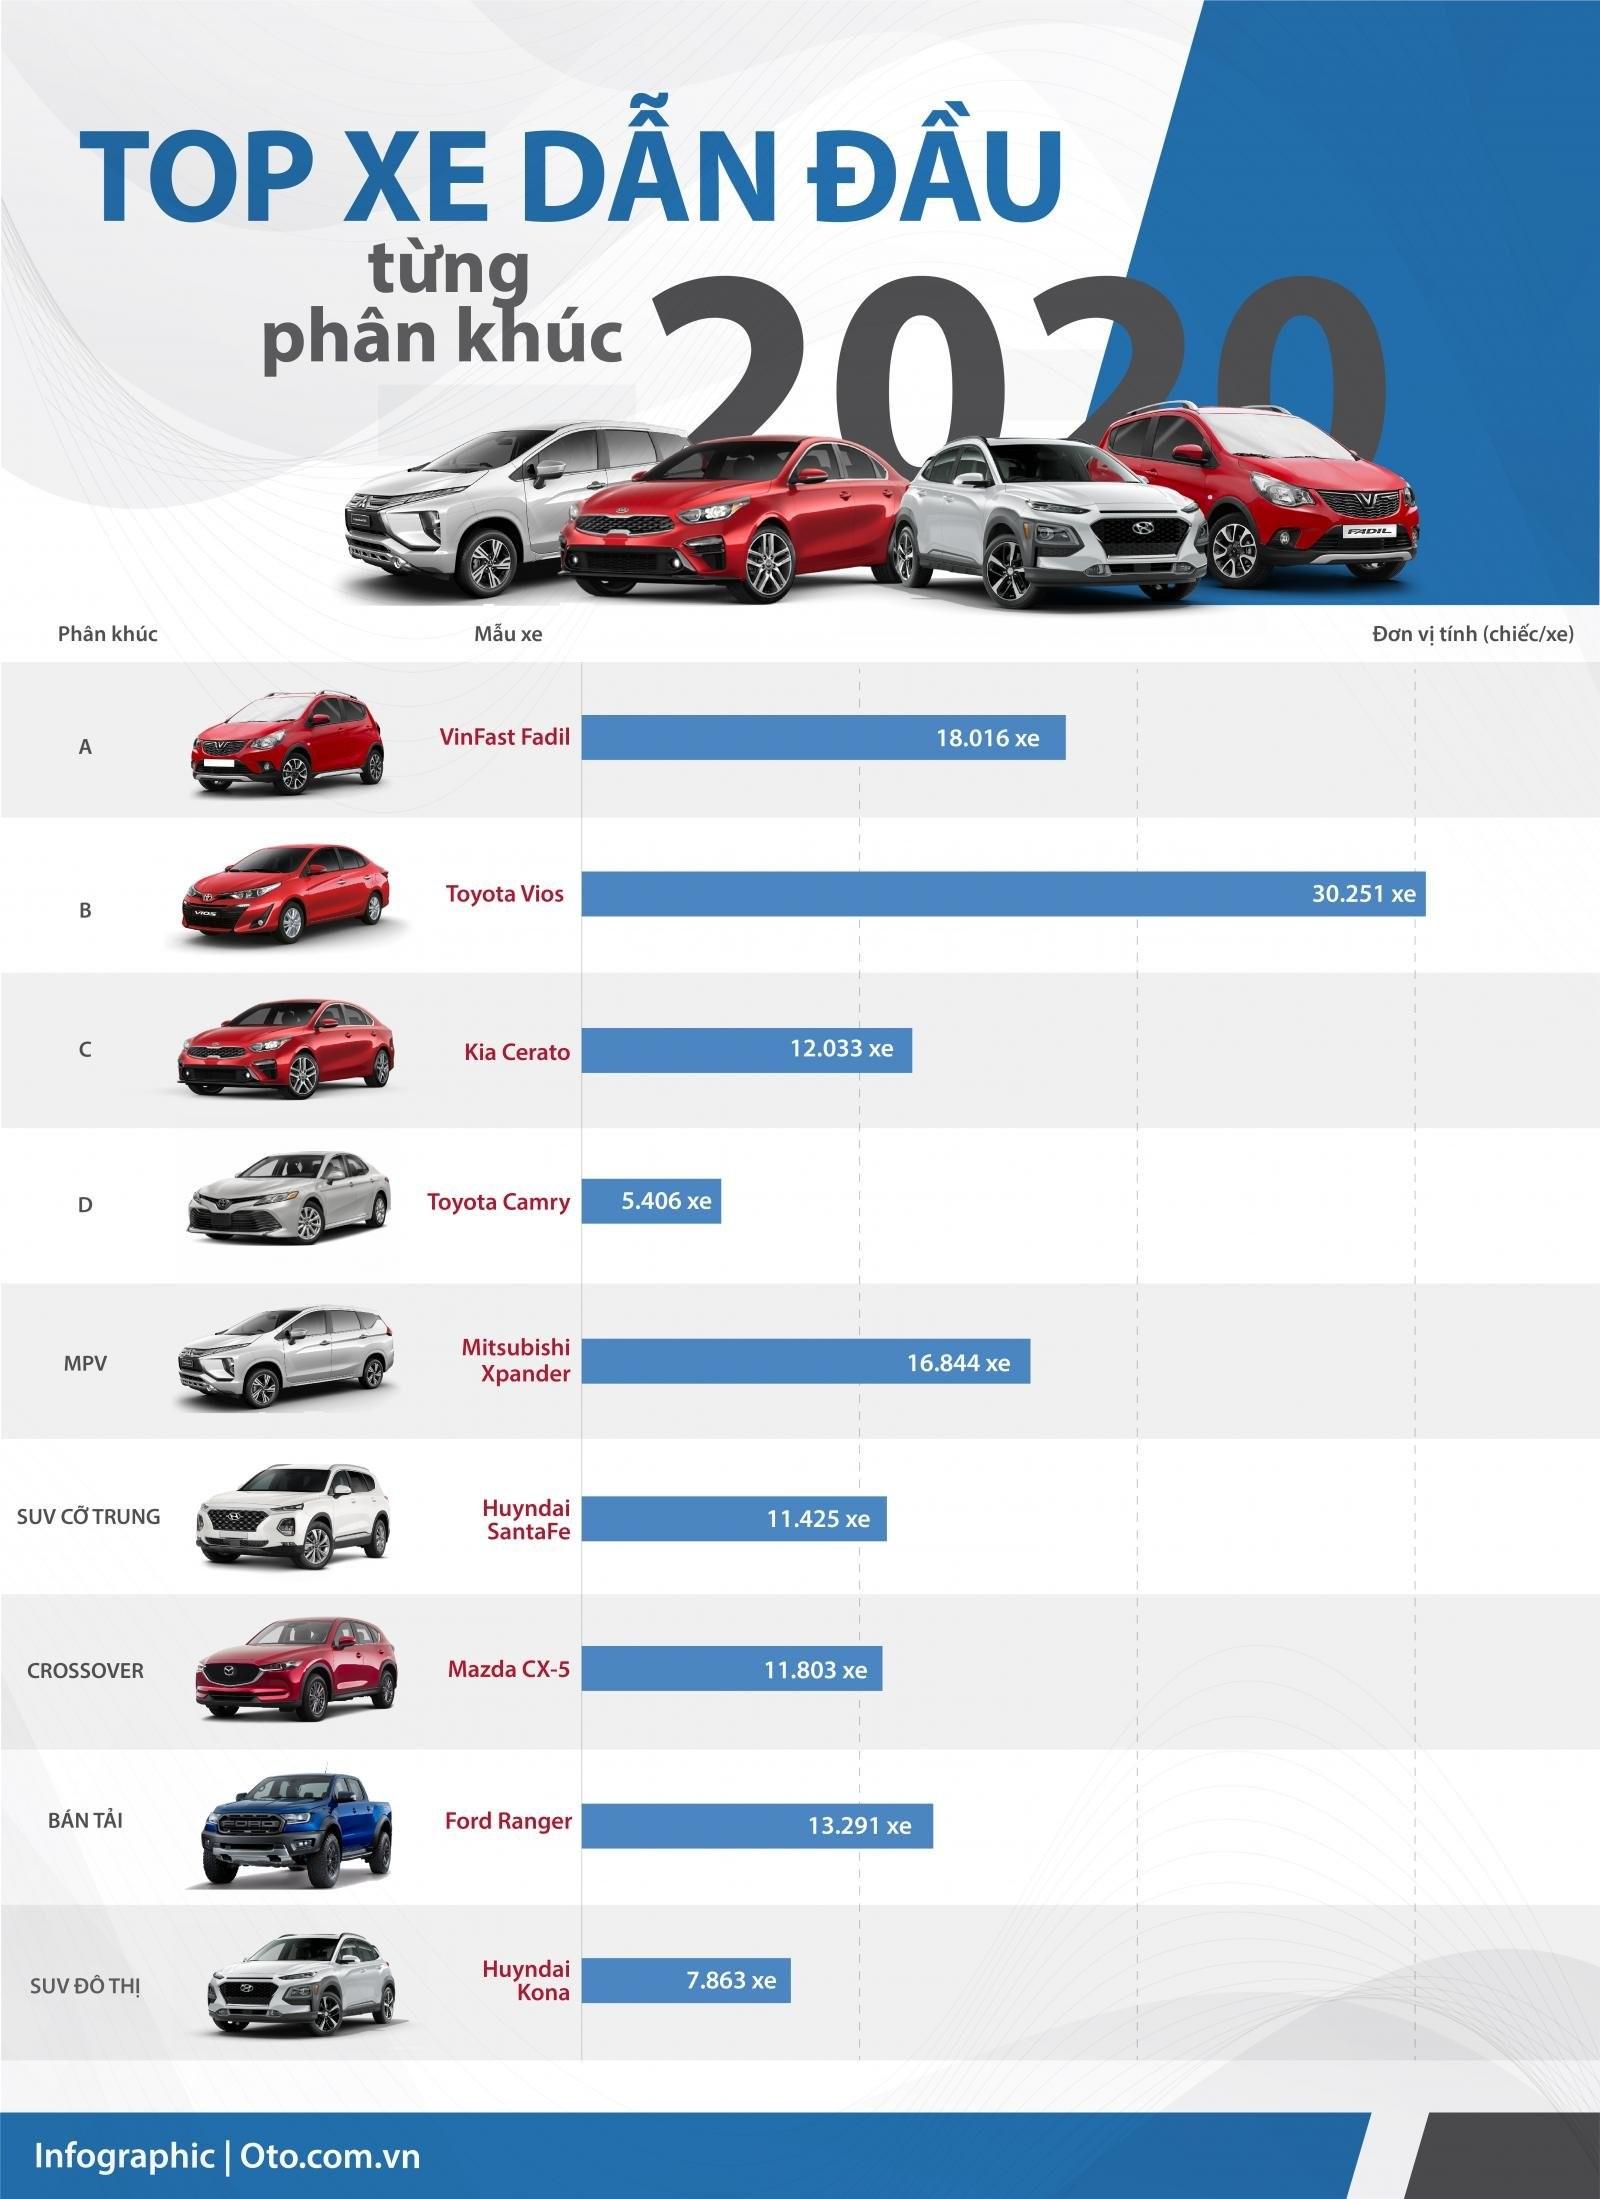 Top xe dẫn đầu từng phân khúc ô tô năm 2020.